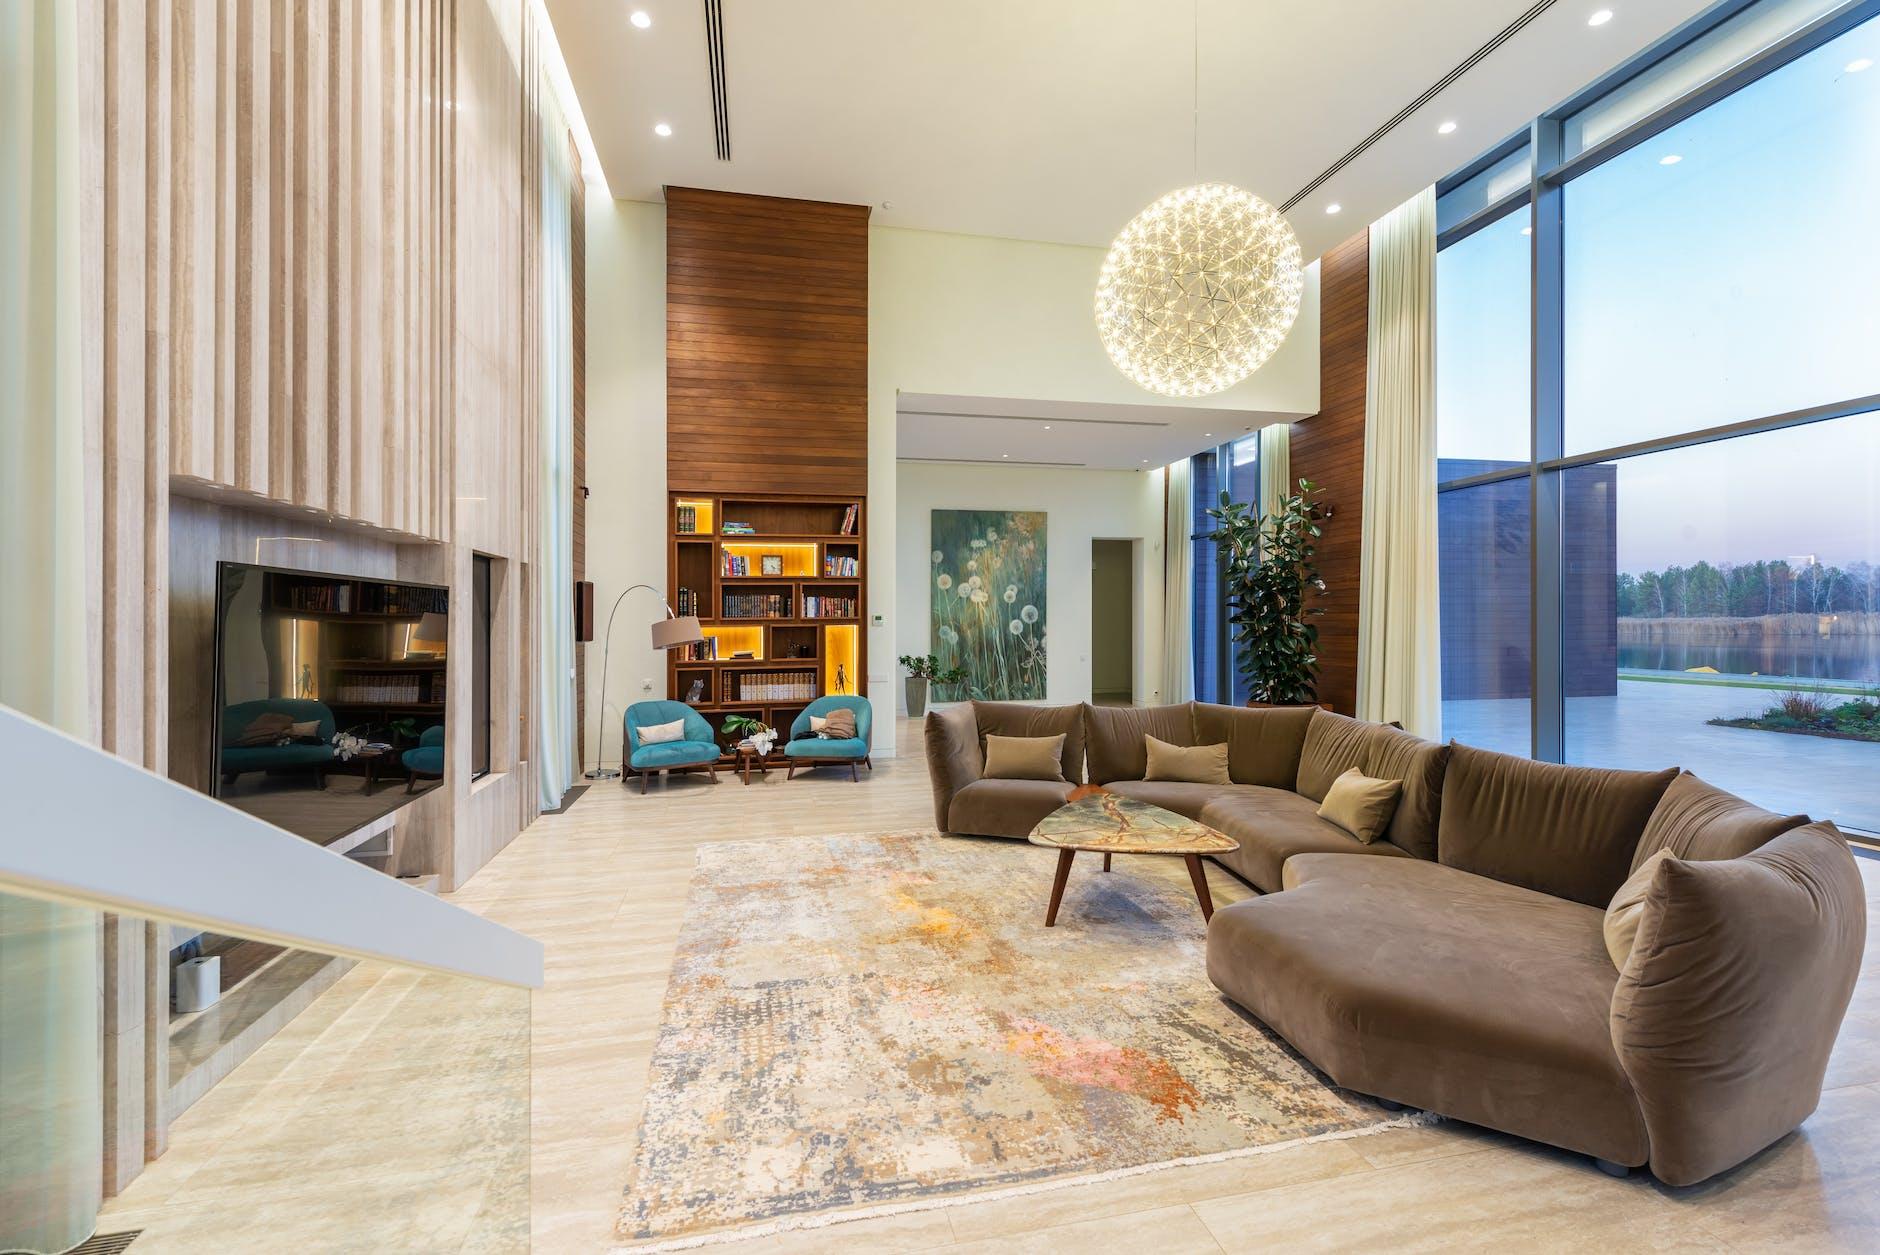 客厅一幅画吸收外界金气,有钱人富三代,我家终于翻身,最好都记下